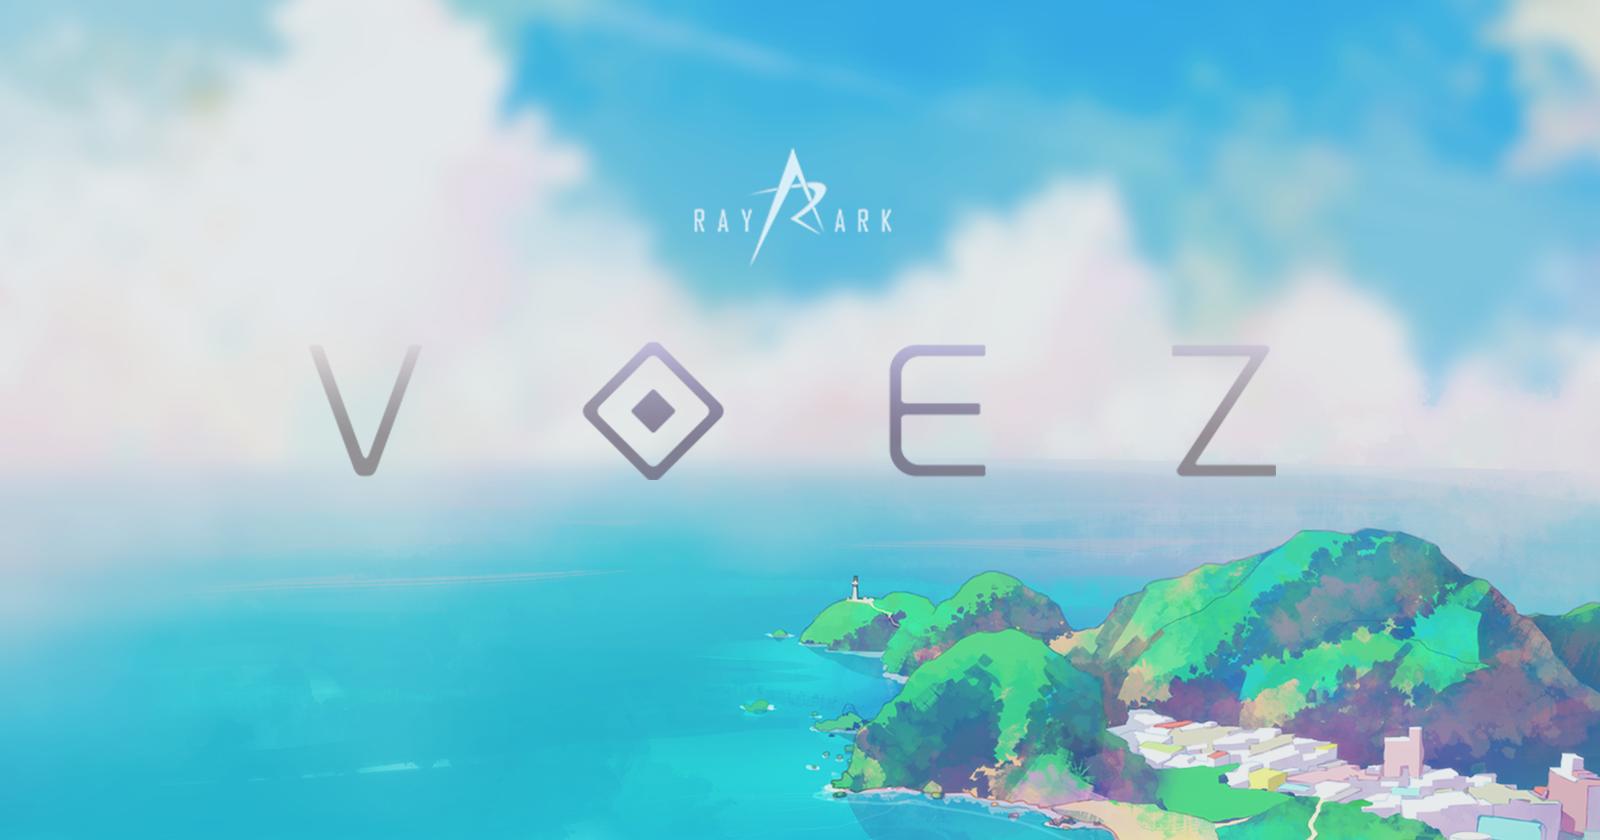 Versão física de Voez ganha data de lançamento na América do Norte